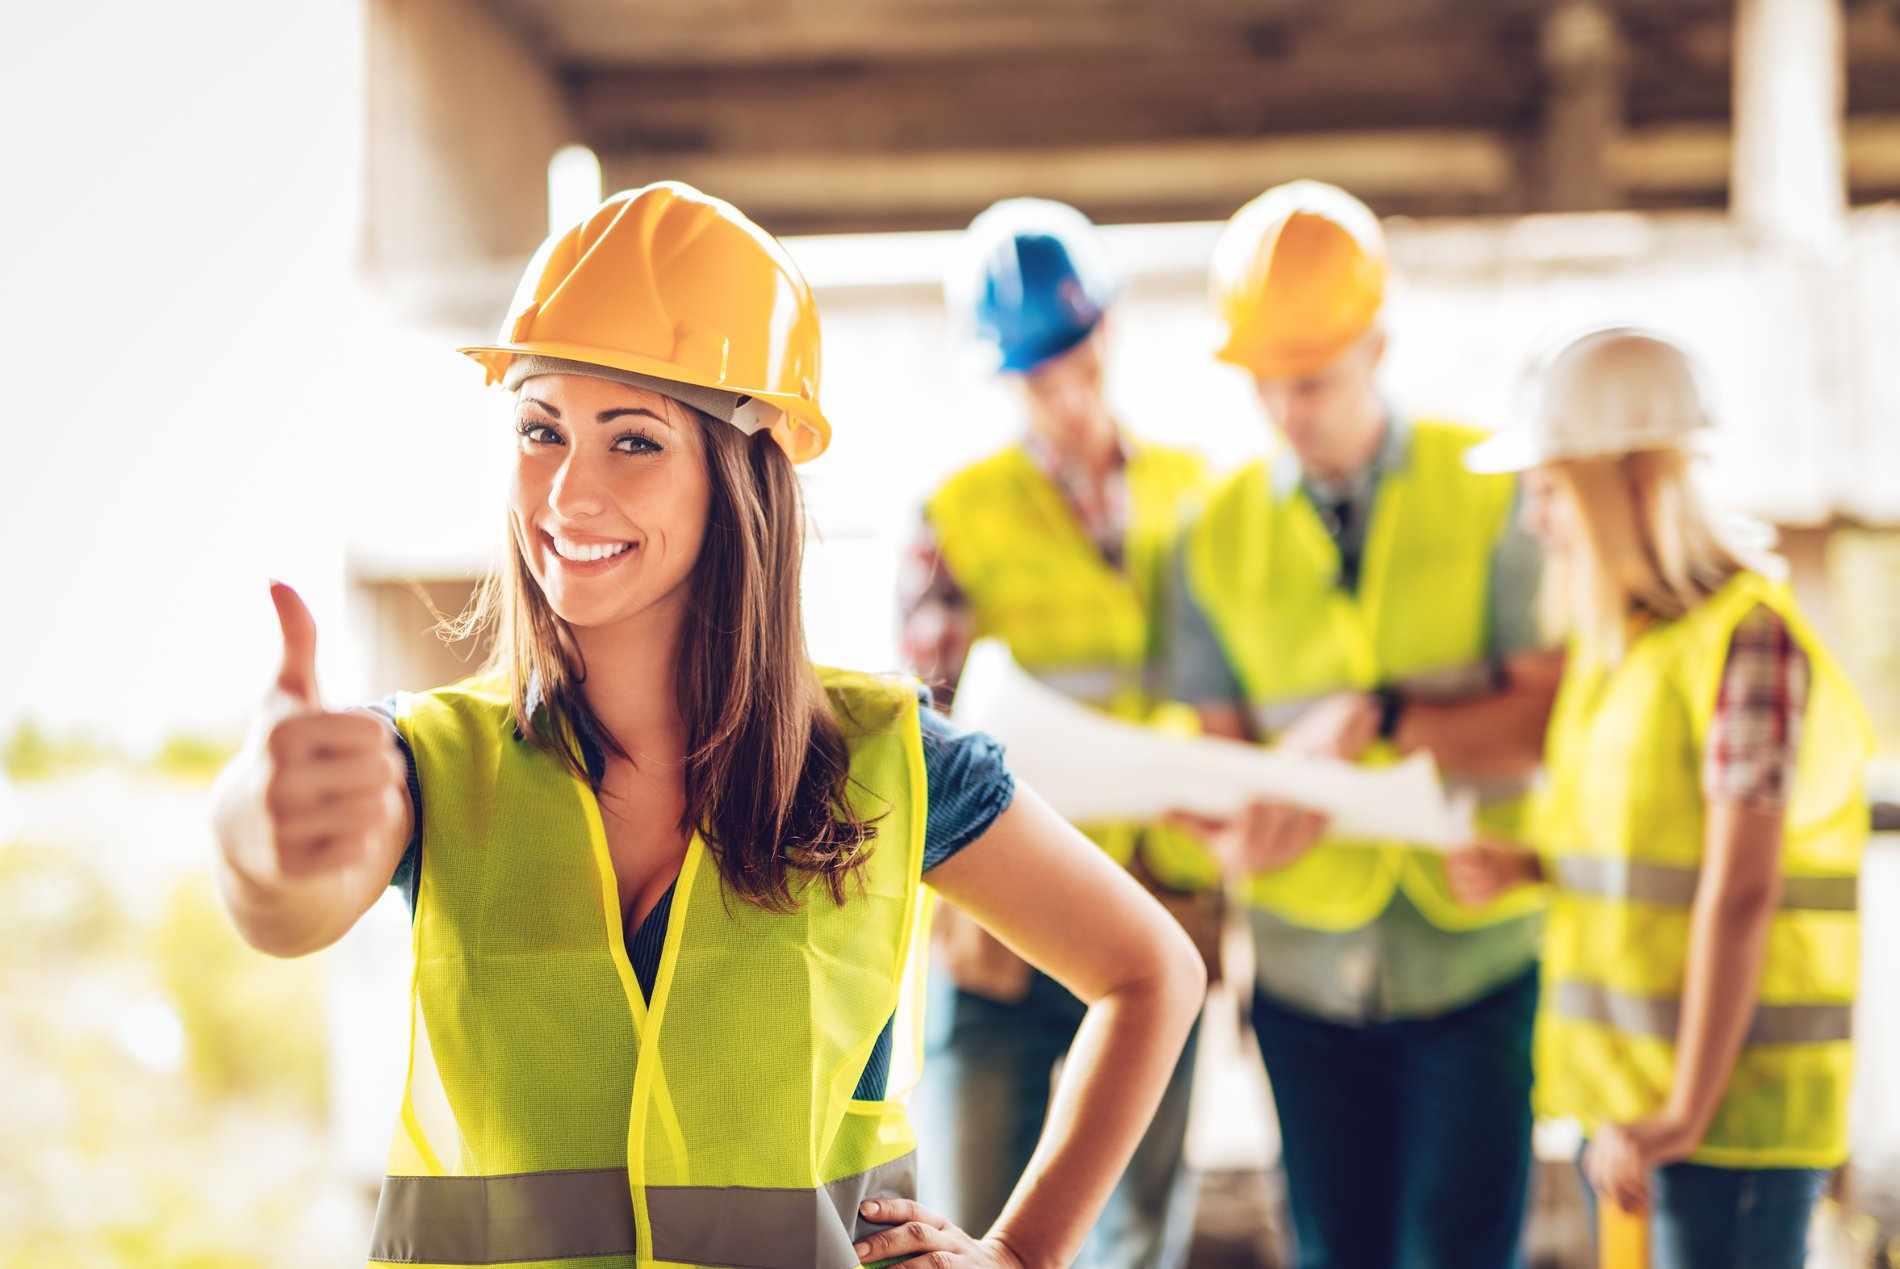 Arbeiterzimmer, Monteurunterkunft, Arbeiter-Wohngemeinschaft, Zimmervermietung